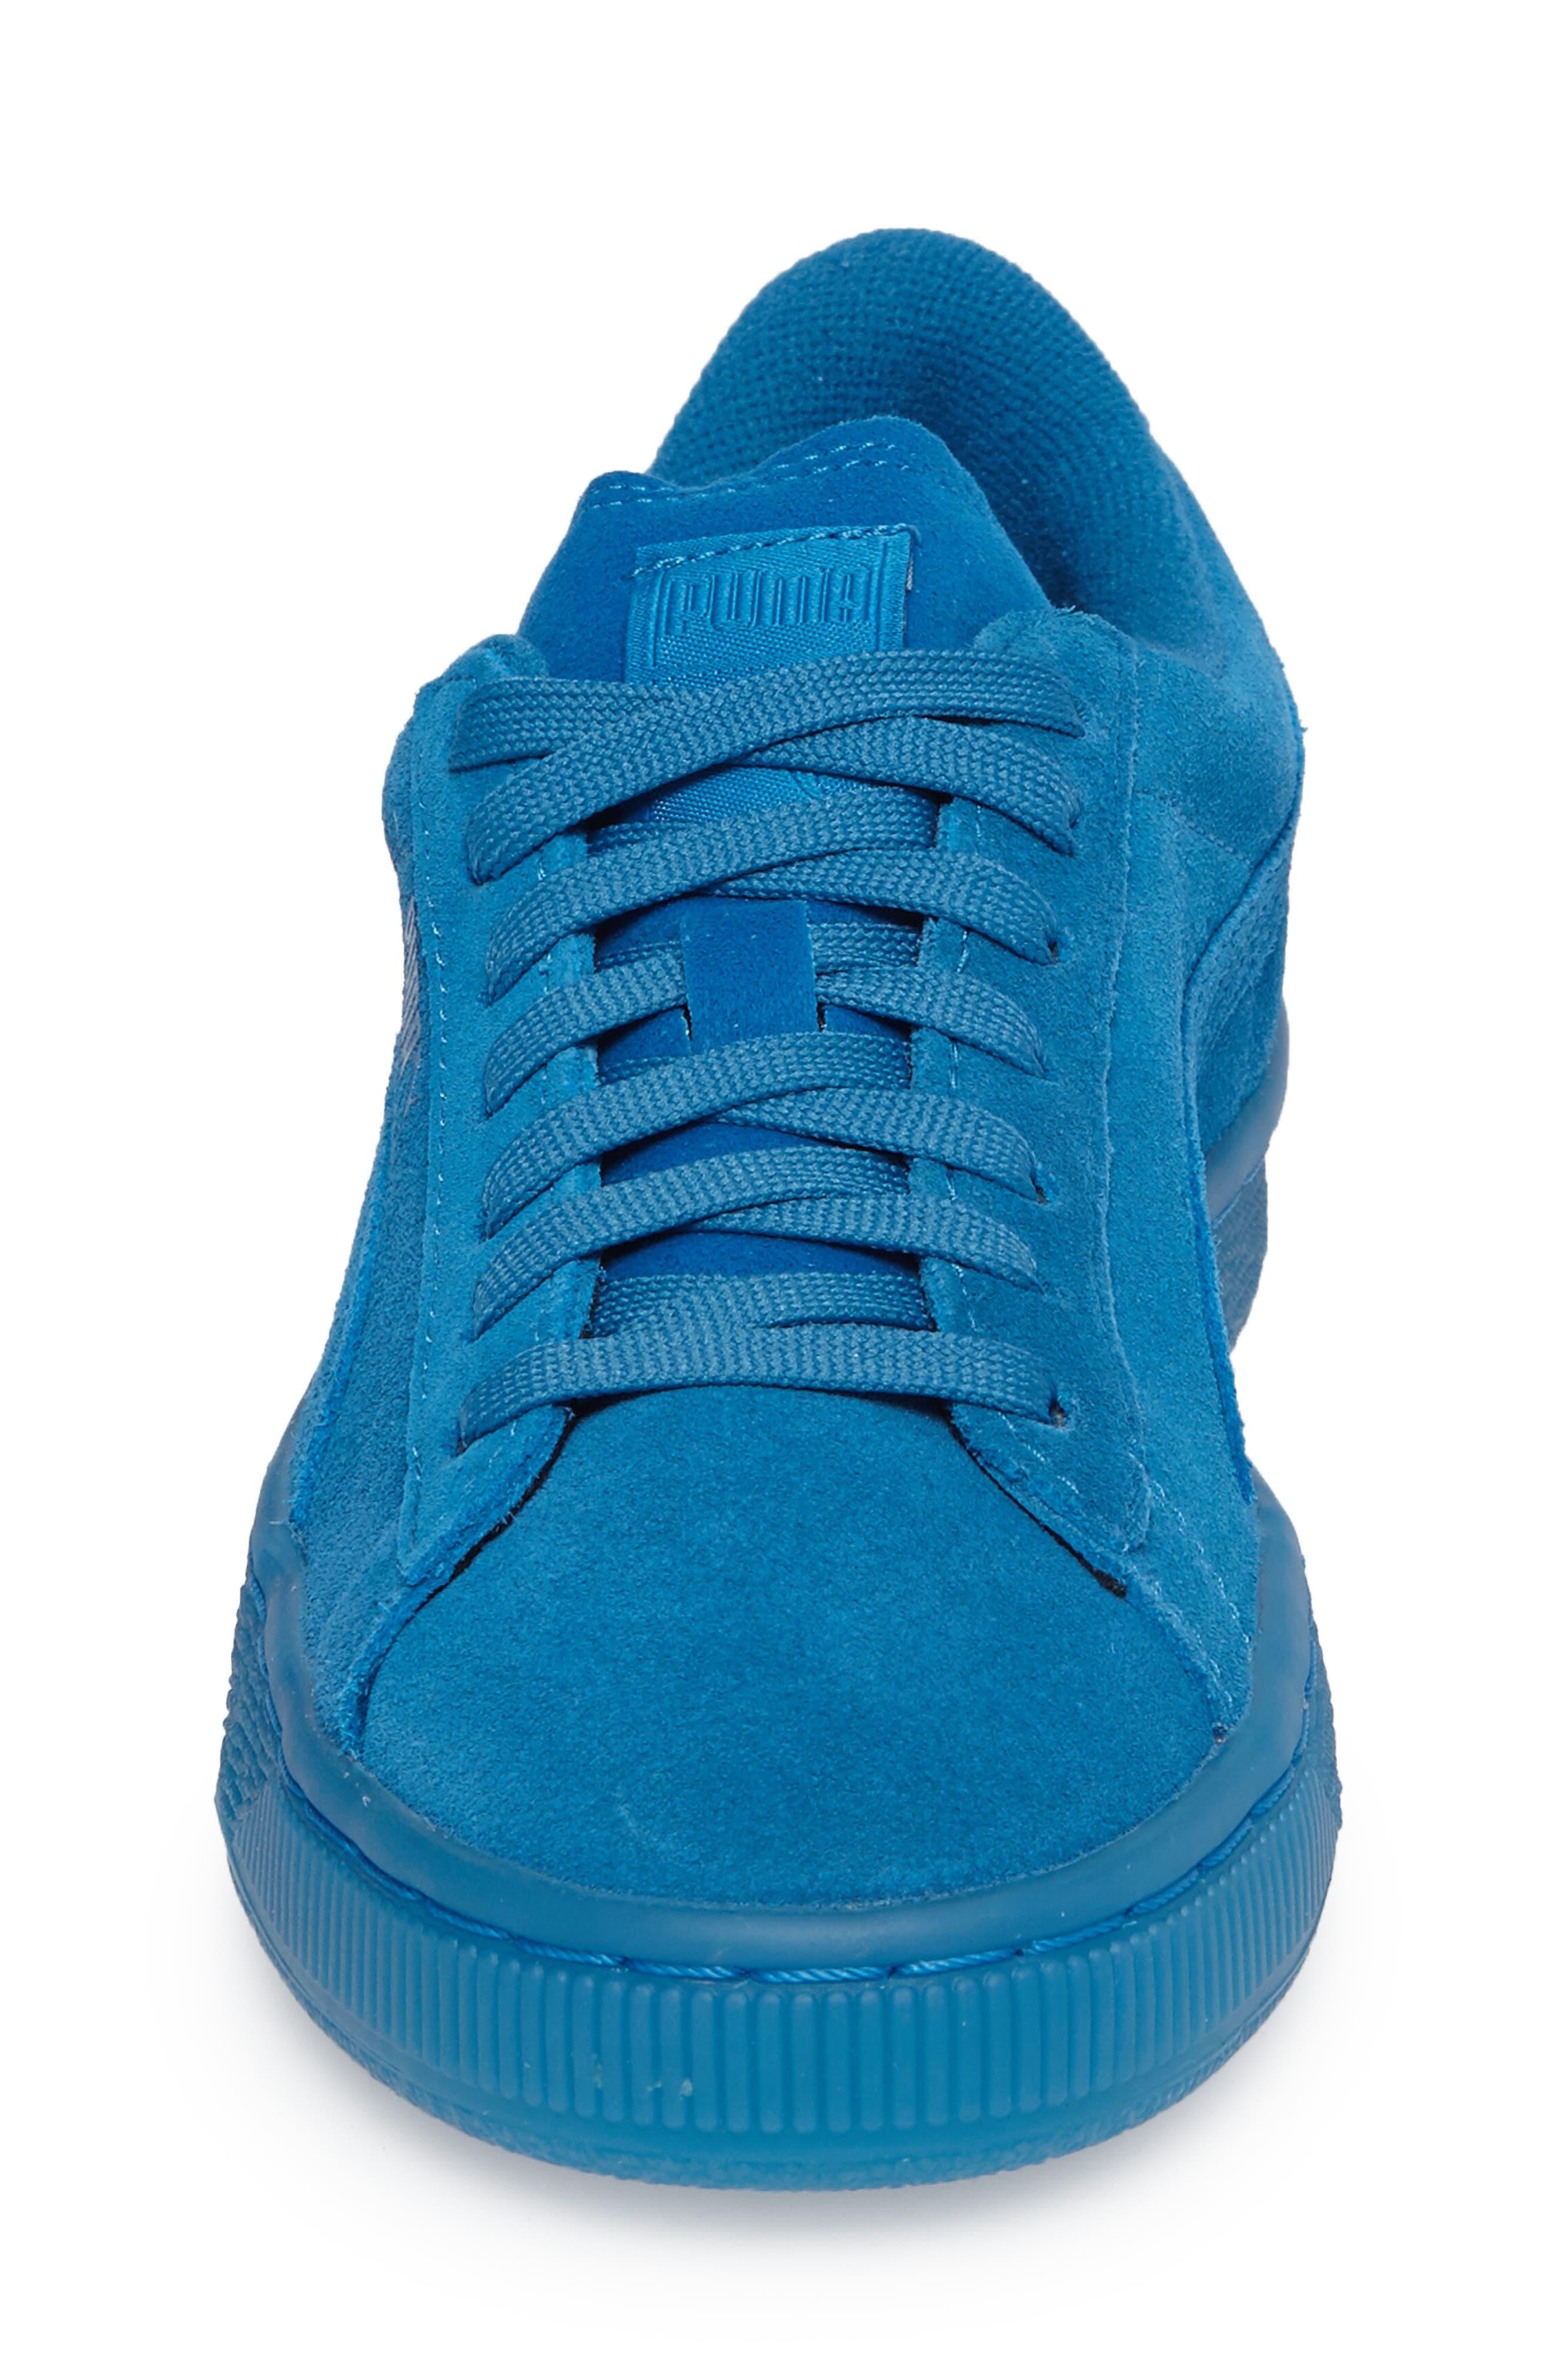 Alternate Image 4  - PUMA 'Suede Iced' Sneaker (Baby, Walker, Toddler, Little Kid & Big Kid)